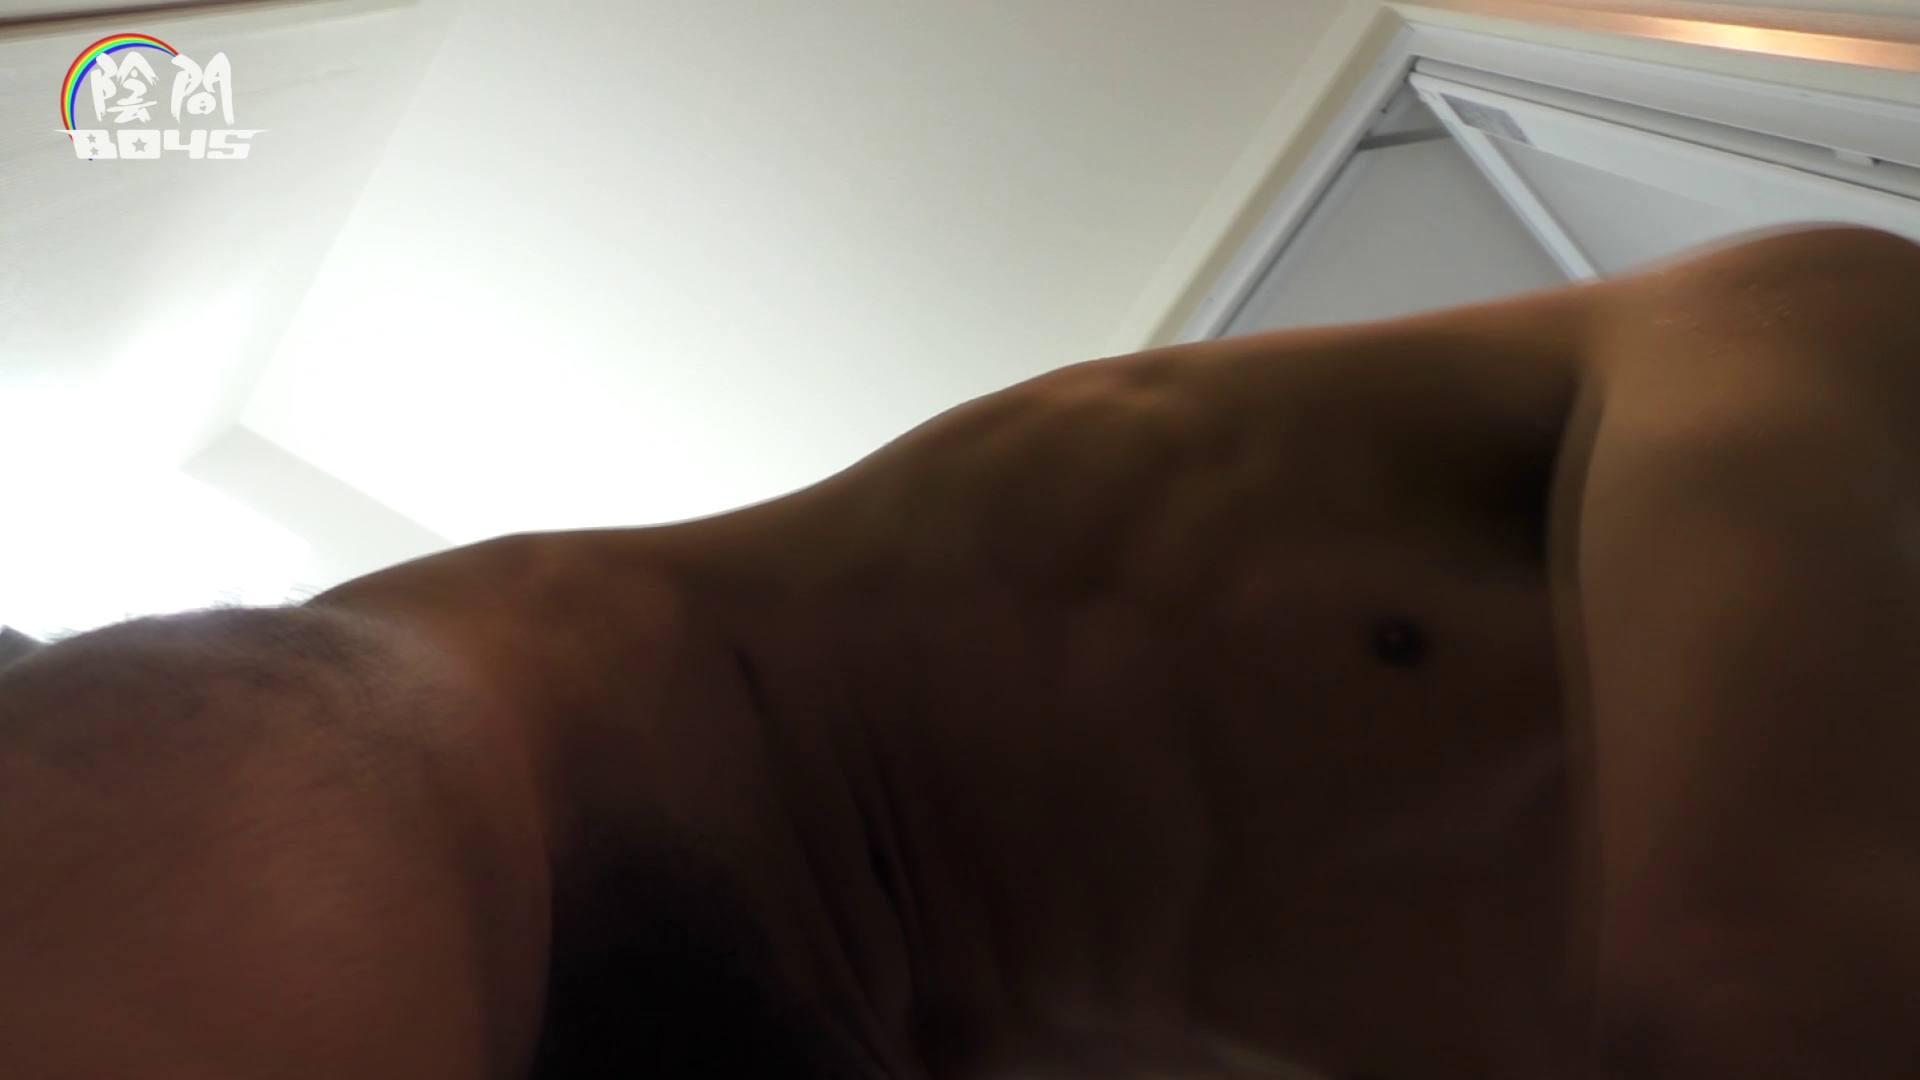 アナルは決して眠らない No.02 まじ生挿入 ゲイ無修正ビデオ画像 57pic 8